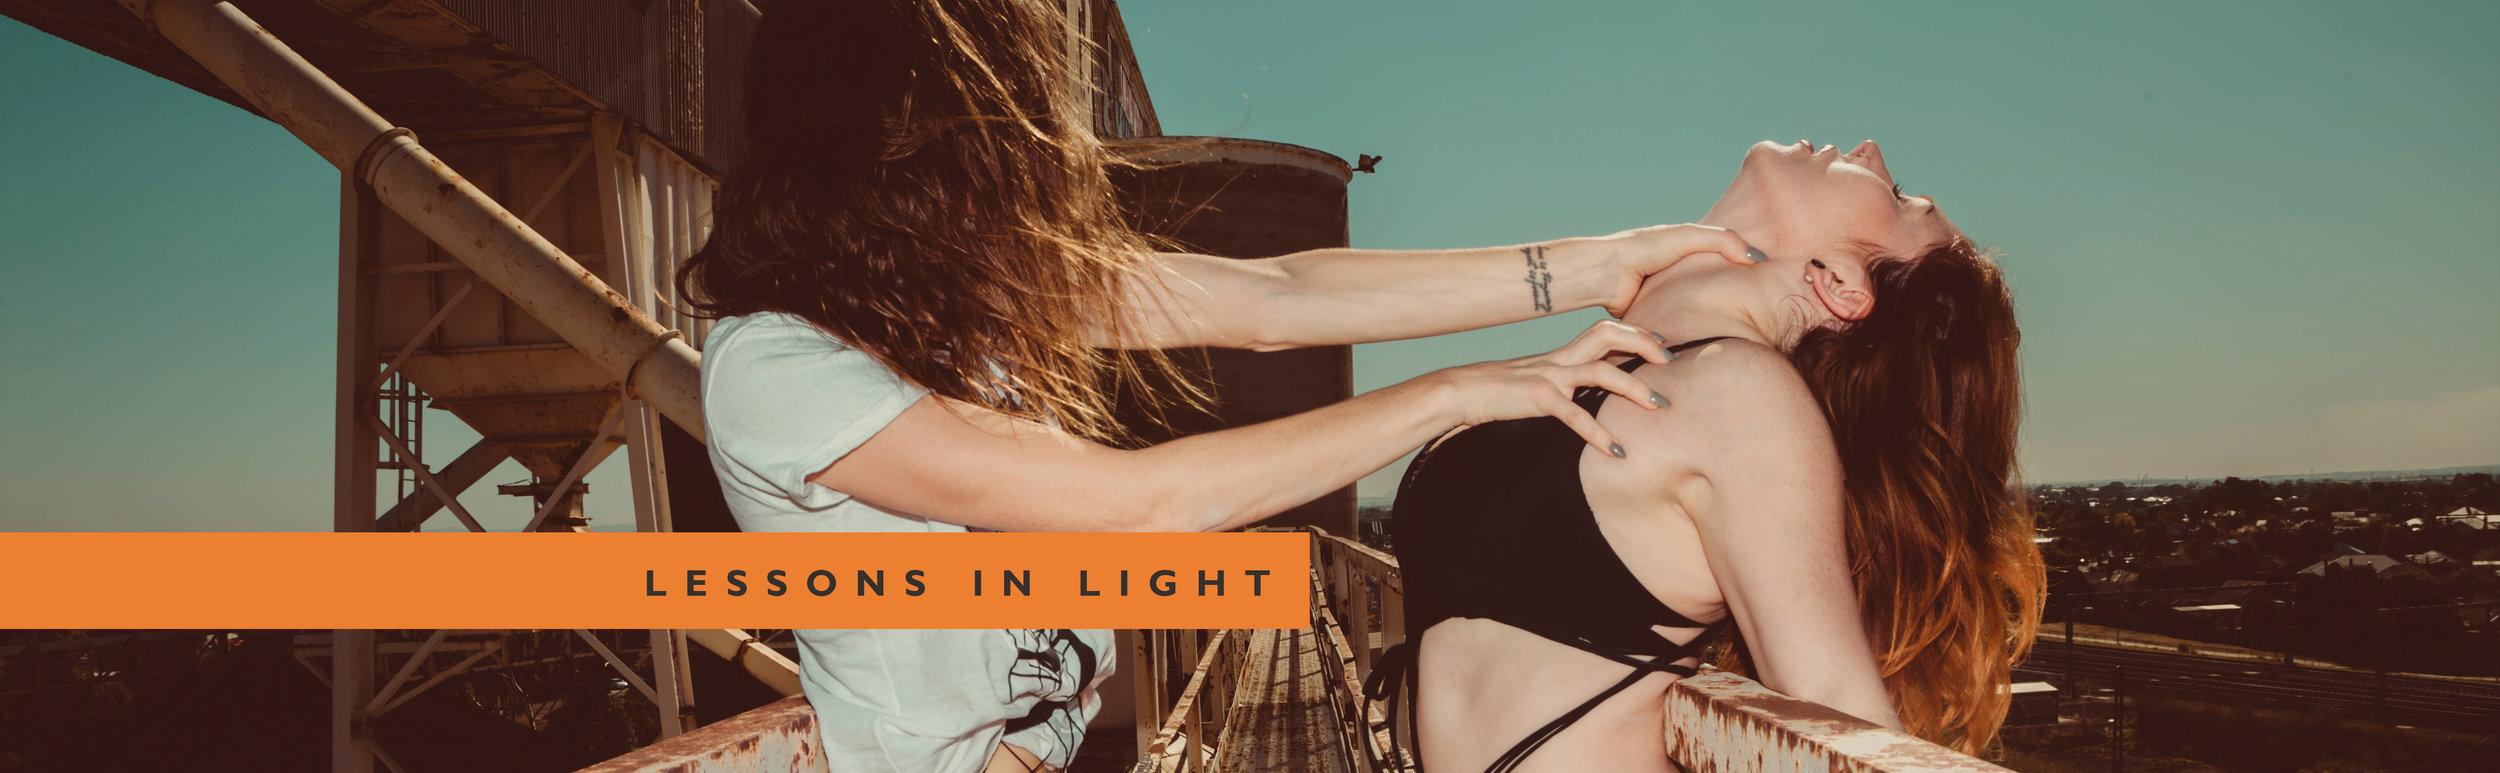 lessons in light.jpg